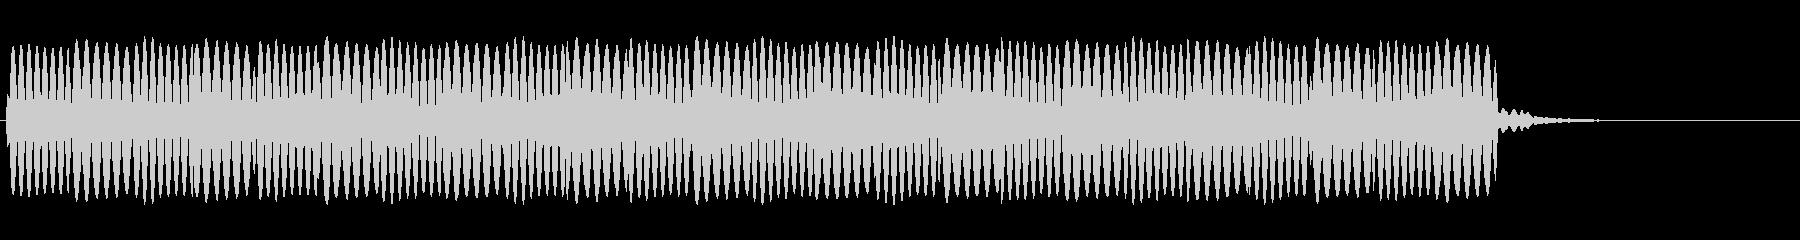 救急車のサイレン(ピーポーピーポー)の未再生の波形